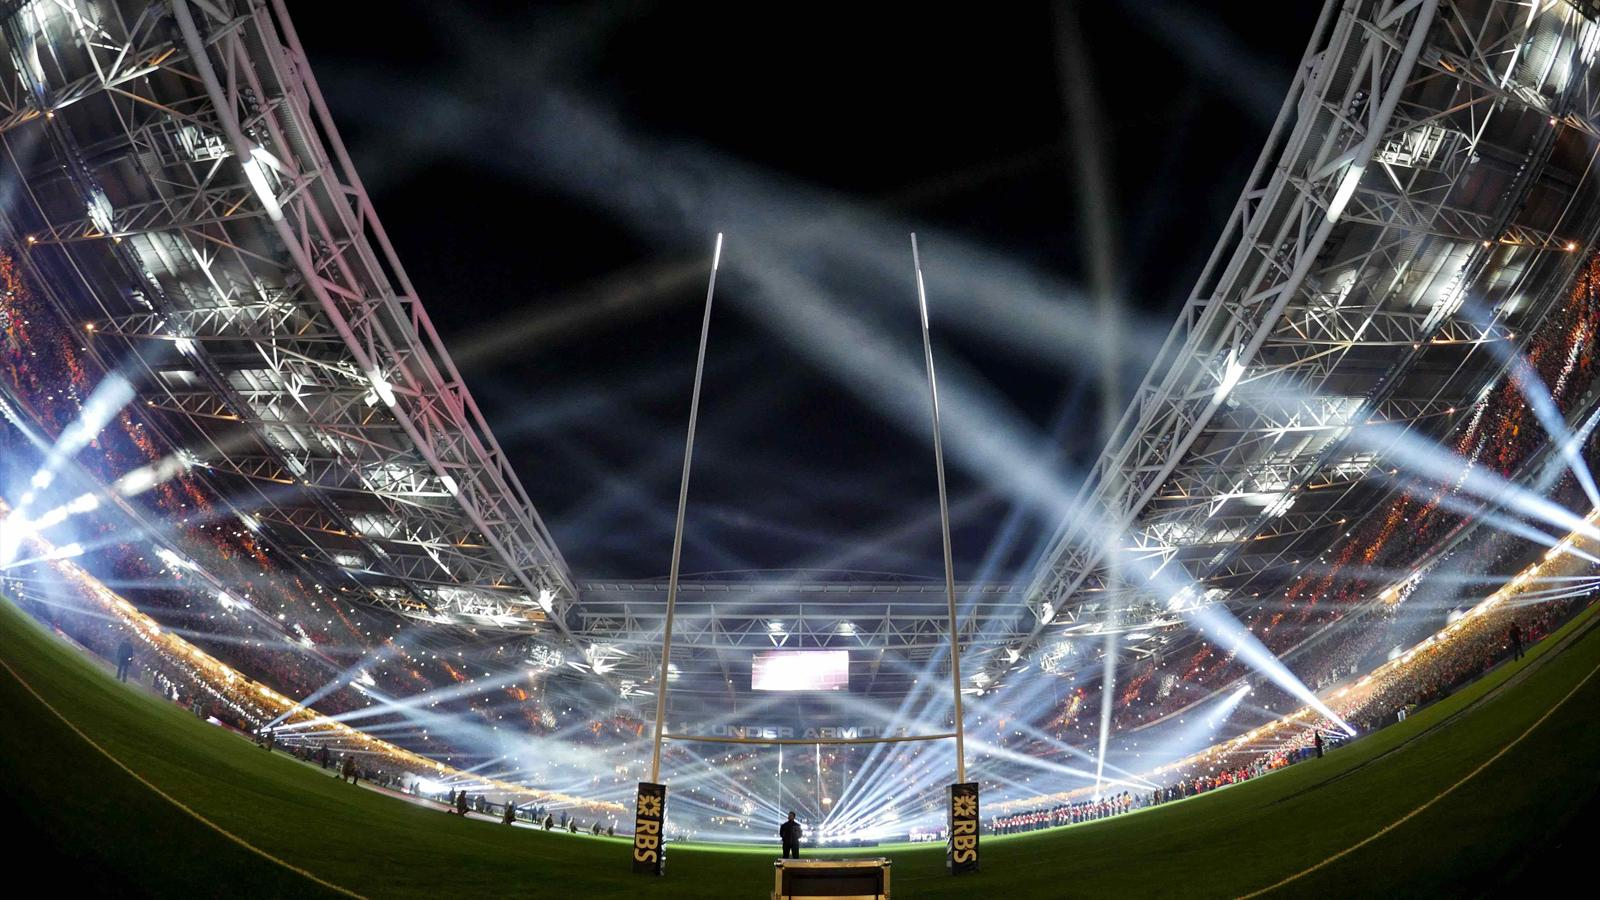 Tournoi des 6 nations millennium crise italienne r servoir anglais notre billet d 39 humeur - Coupe des 6 nations 2015 ...